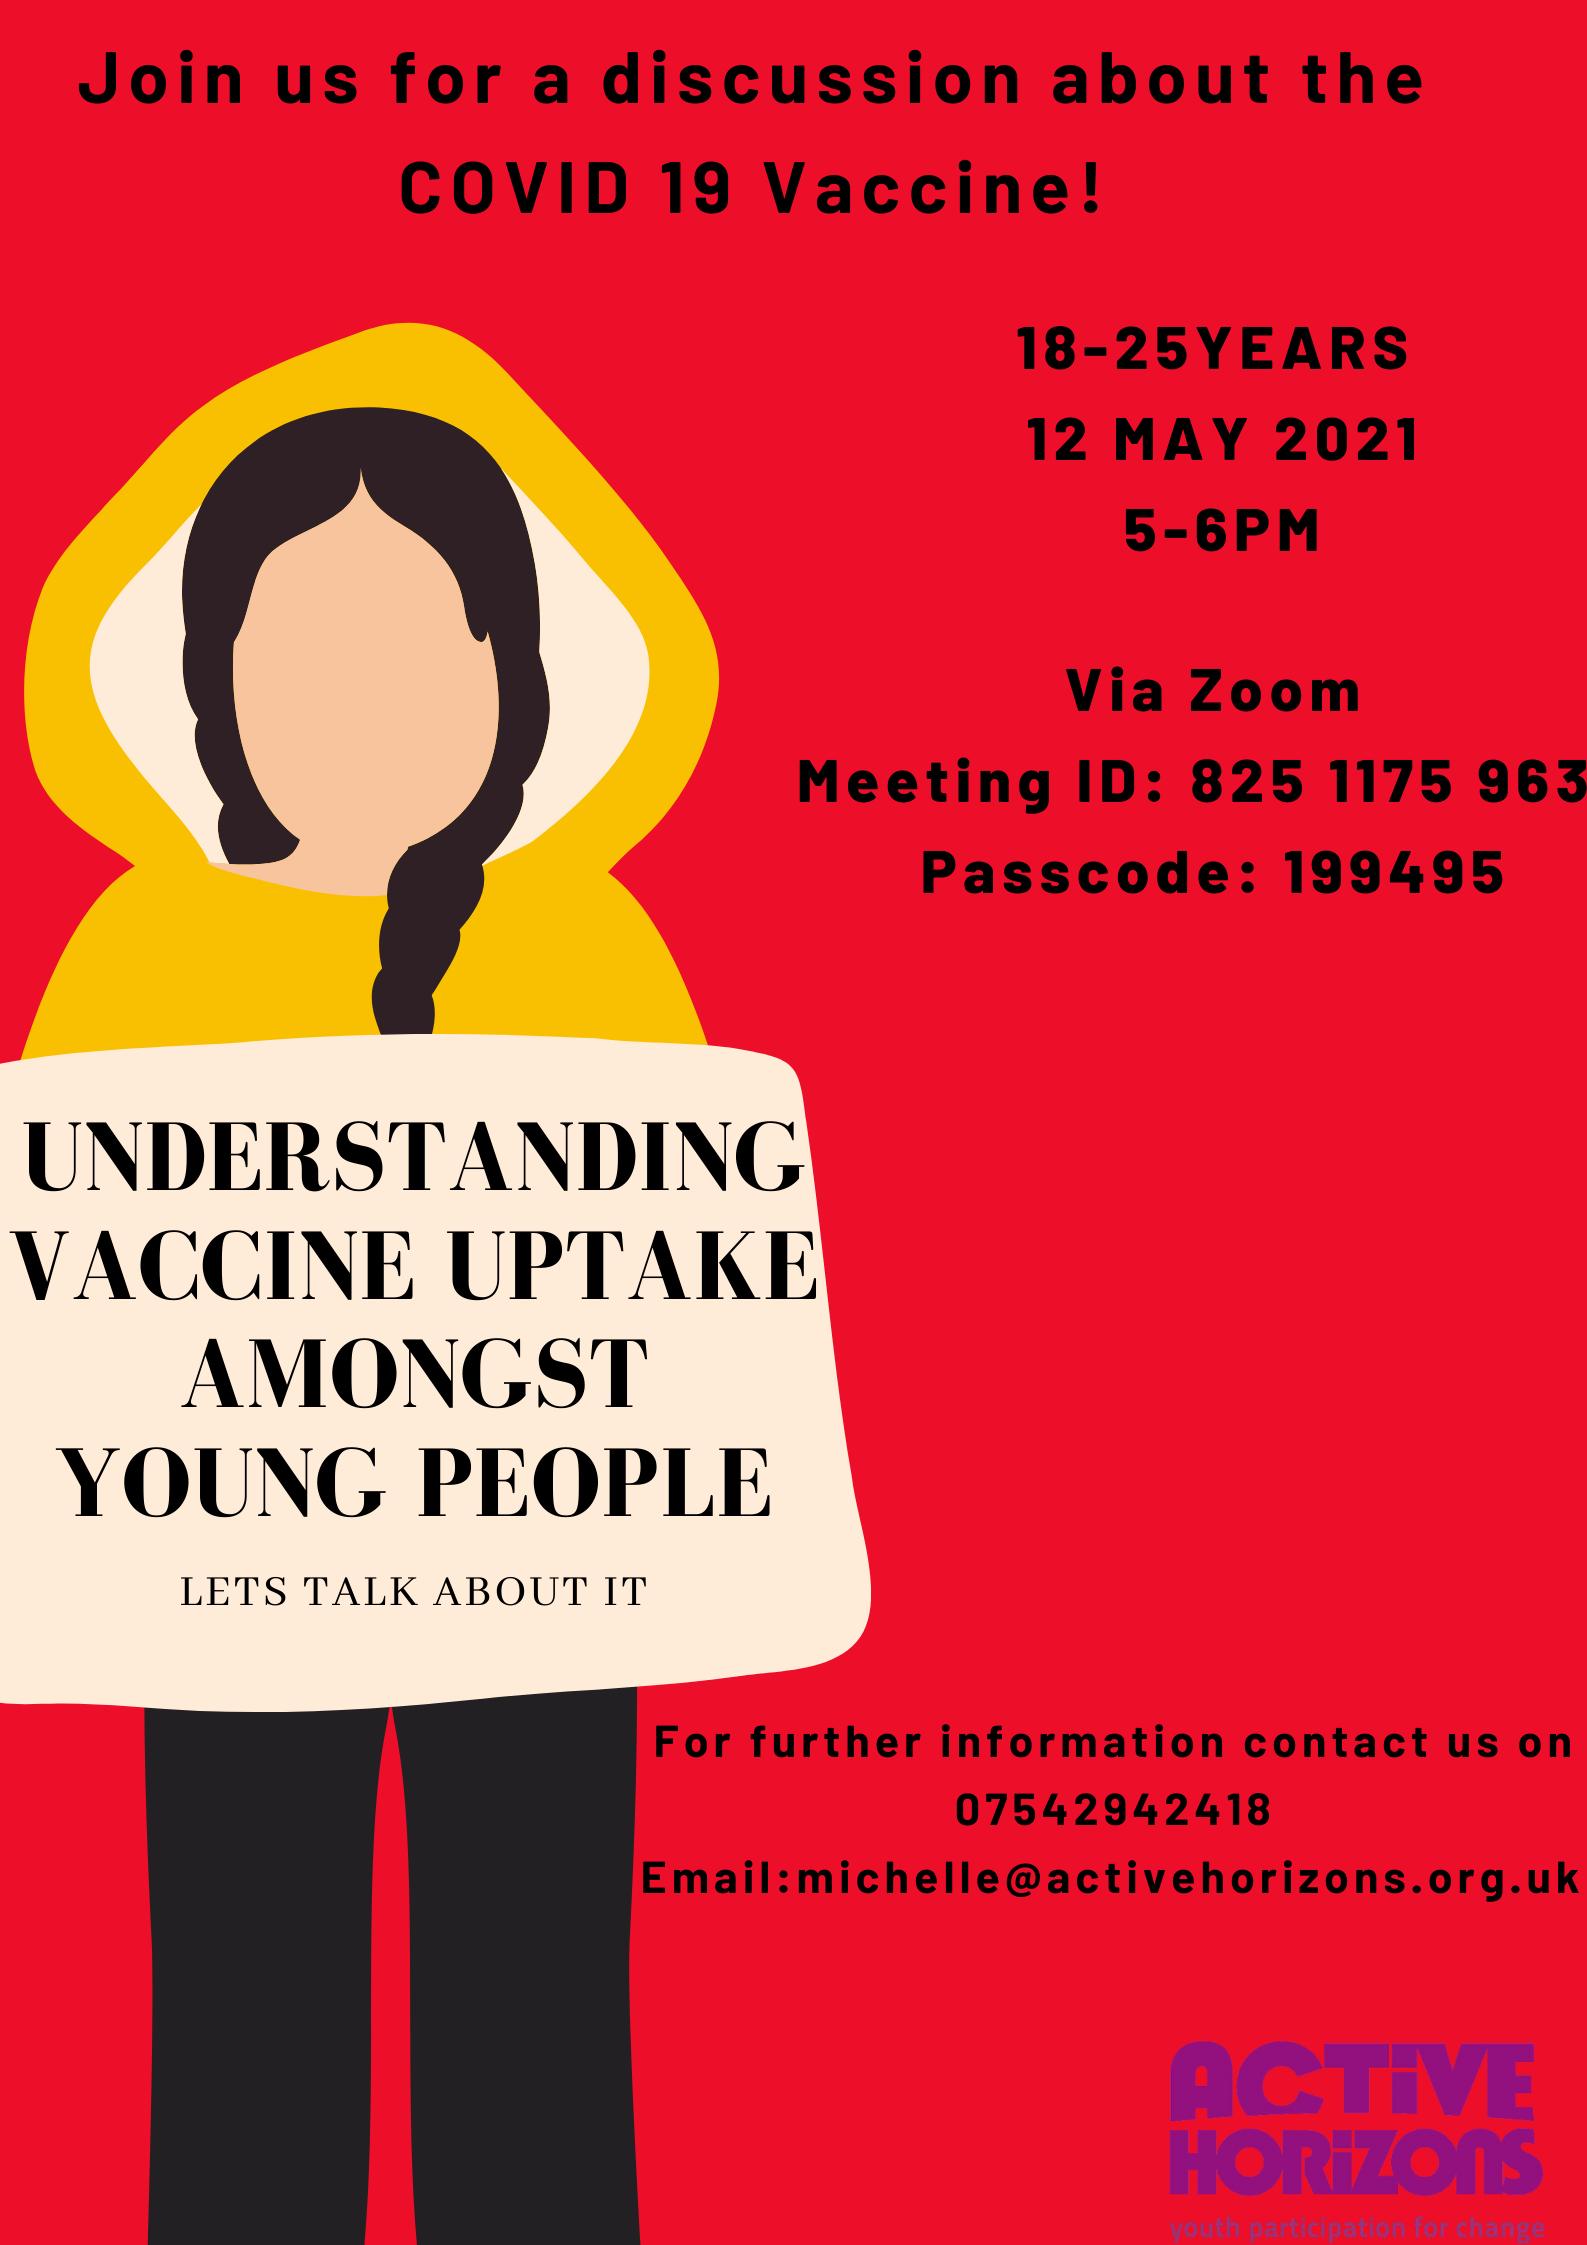 Understanding vaccine uptake among young people 18-25years